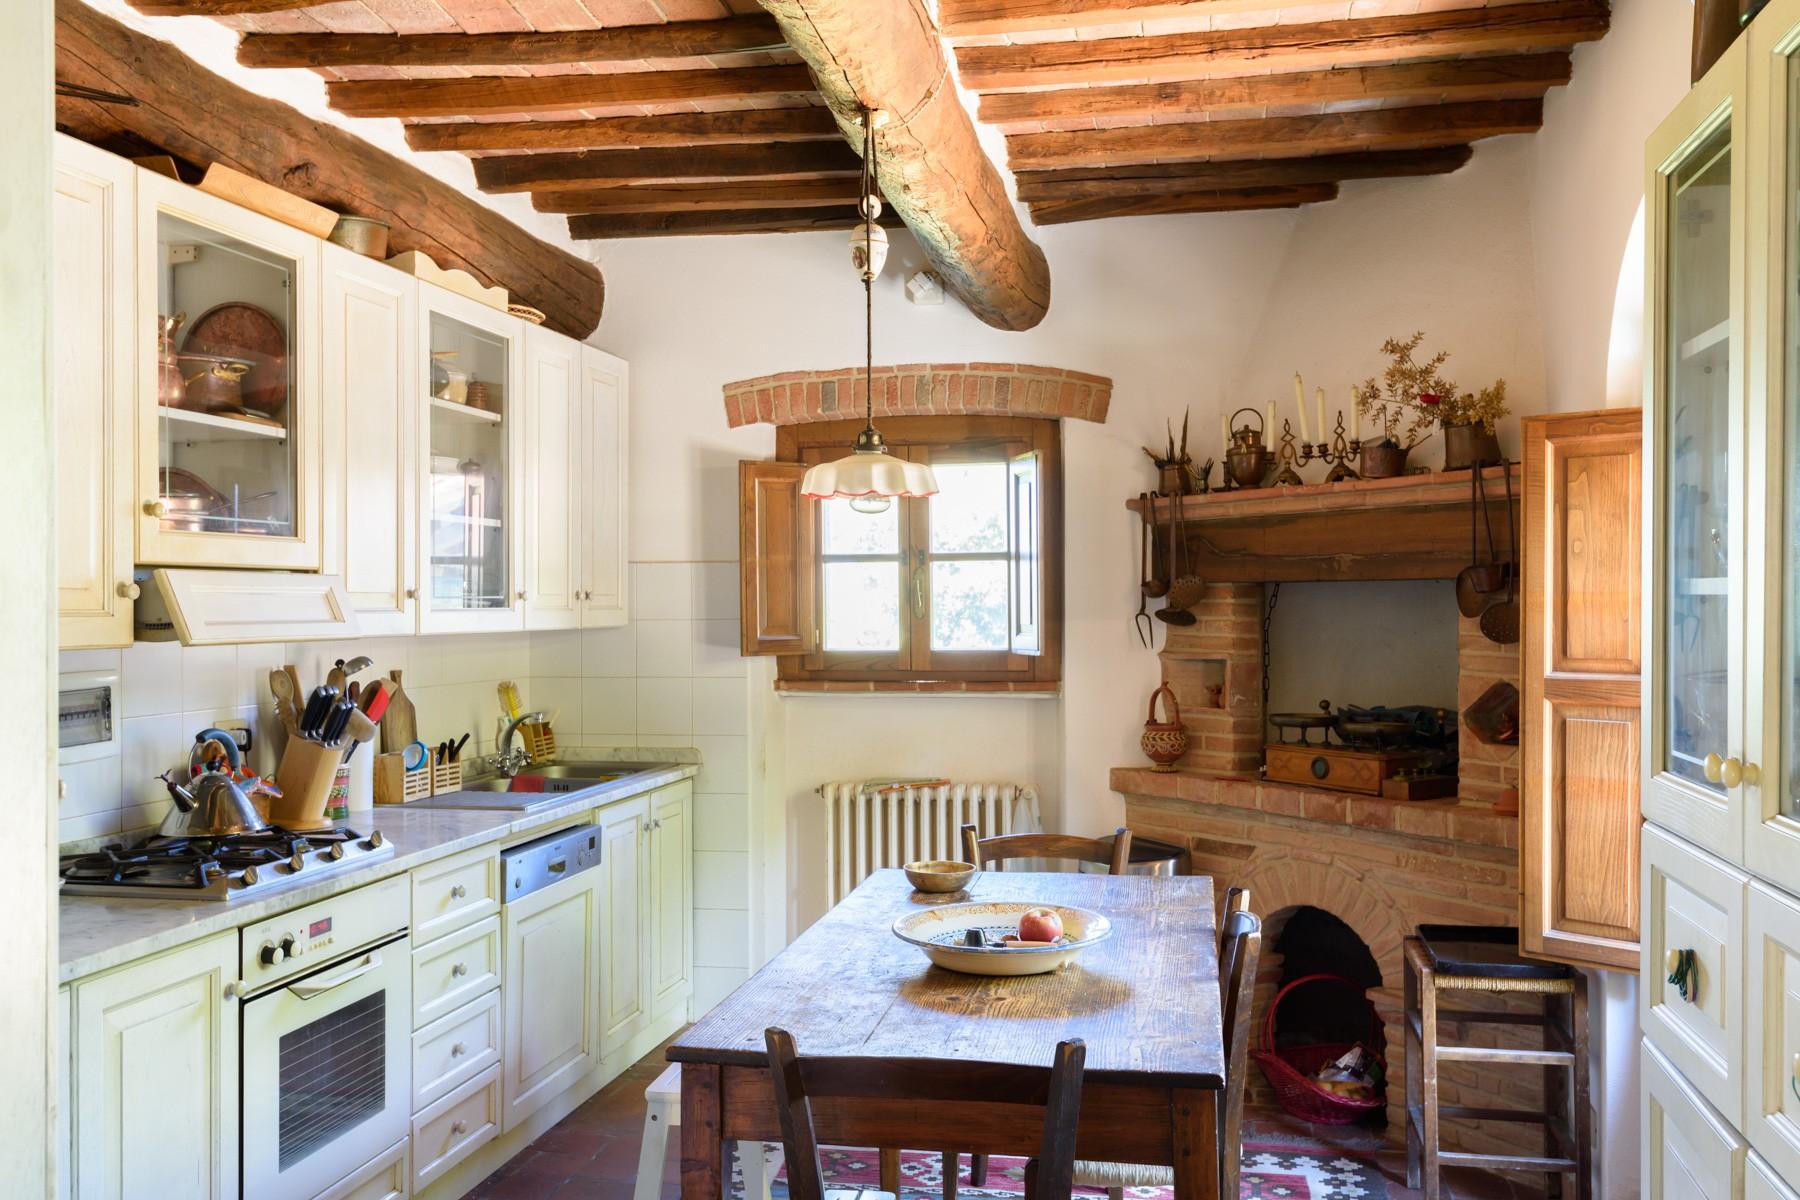 Rustico in Vendita a Monte San Savino: 5 locali, 266 mq - Foto 9